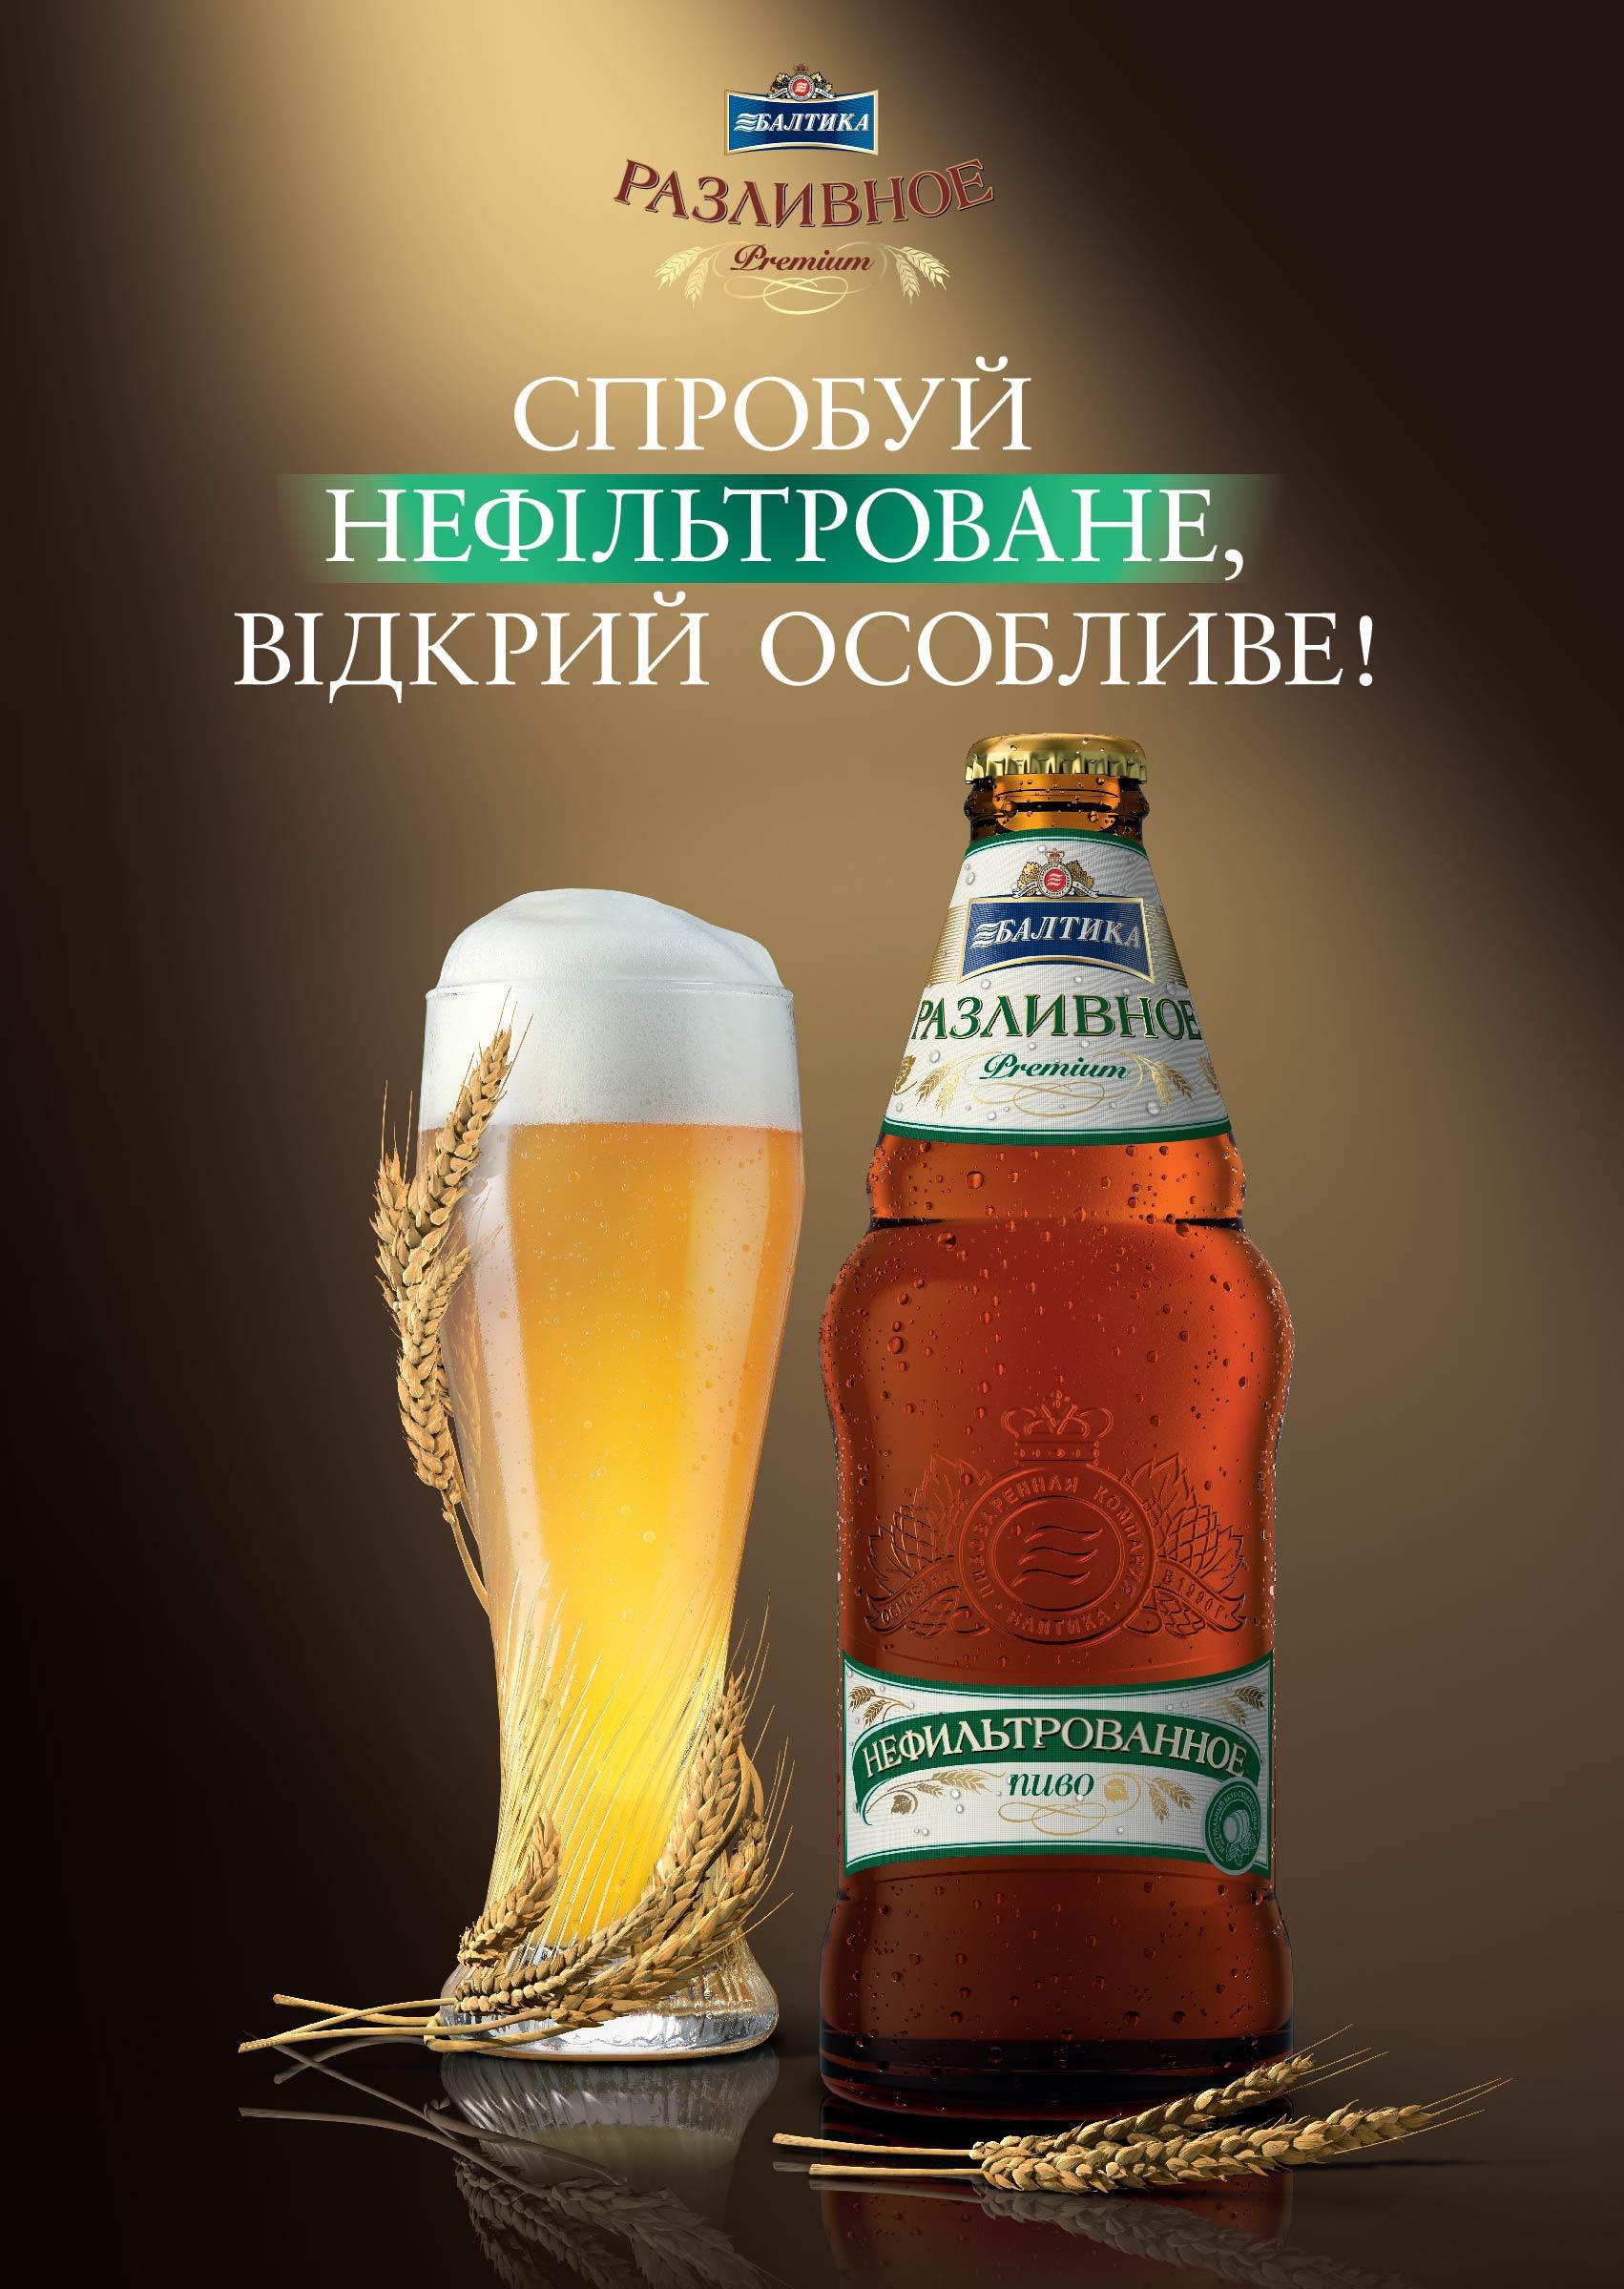 Фото: «Балтика» представляет новый сорт — «Разливное Нефильтрованное».